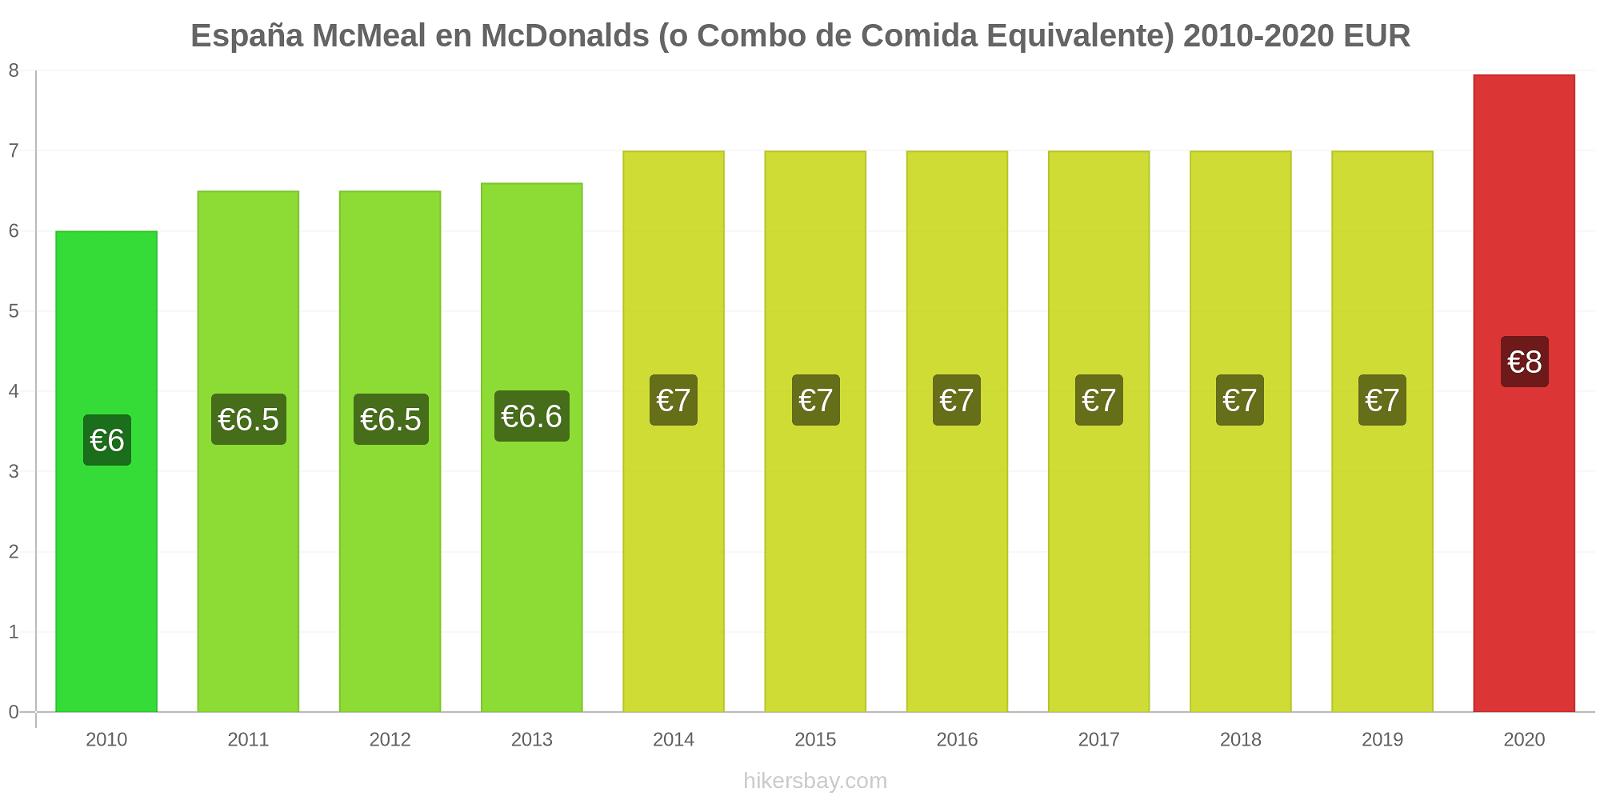 España cambios de precios McMeal en McDonalds (o menú equivalente) hikersbay.com